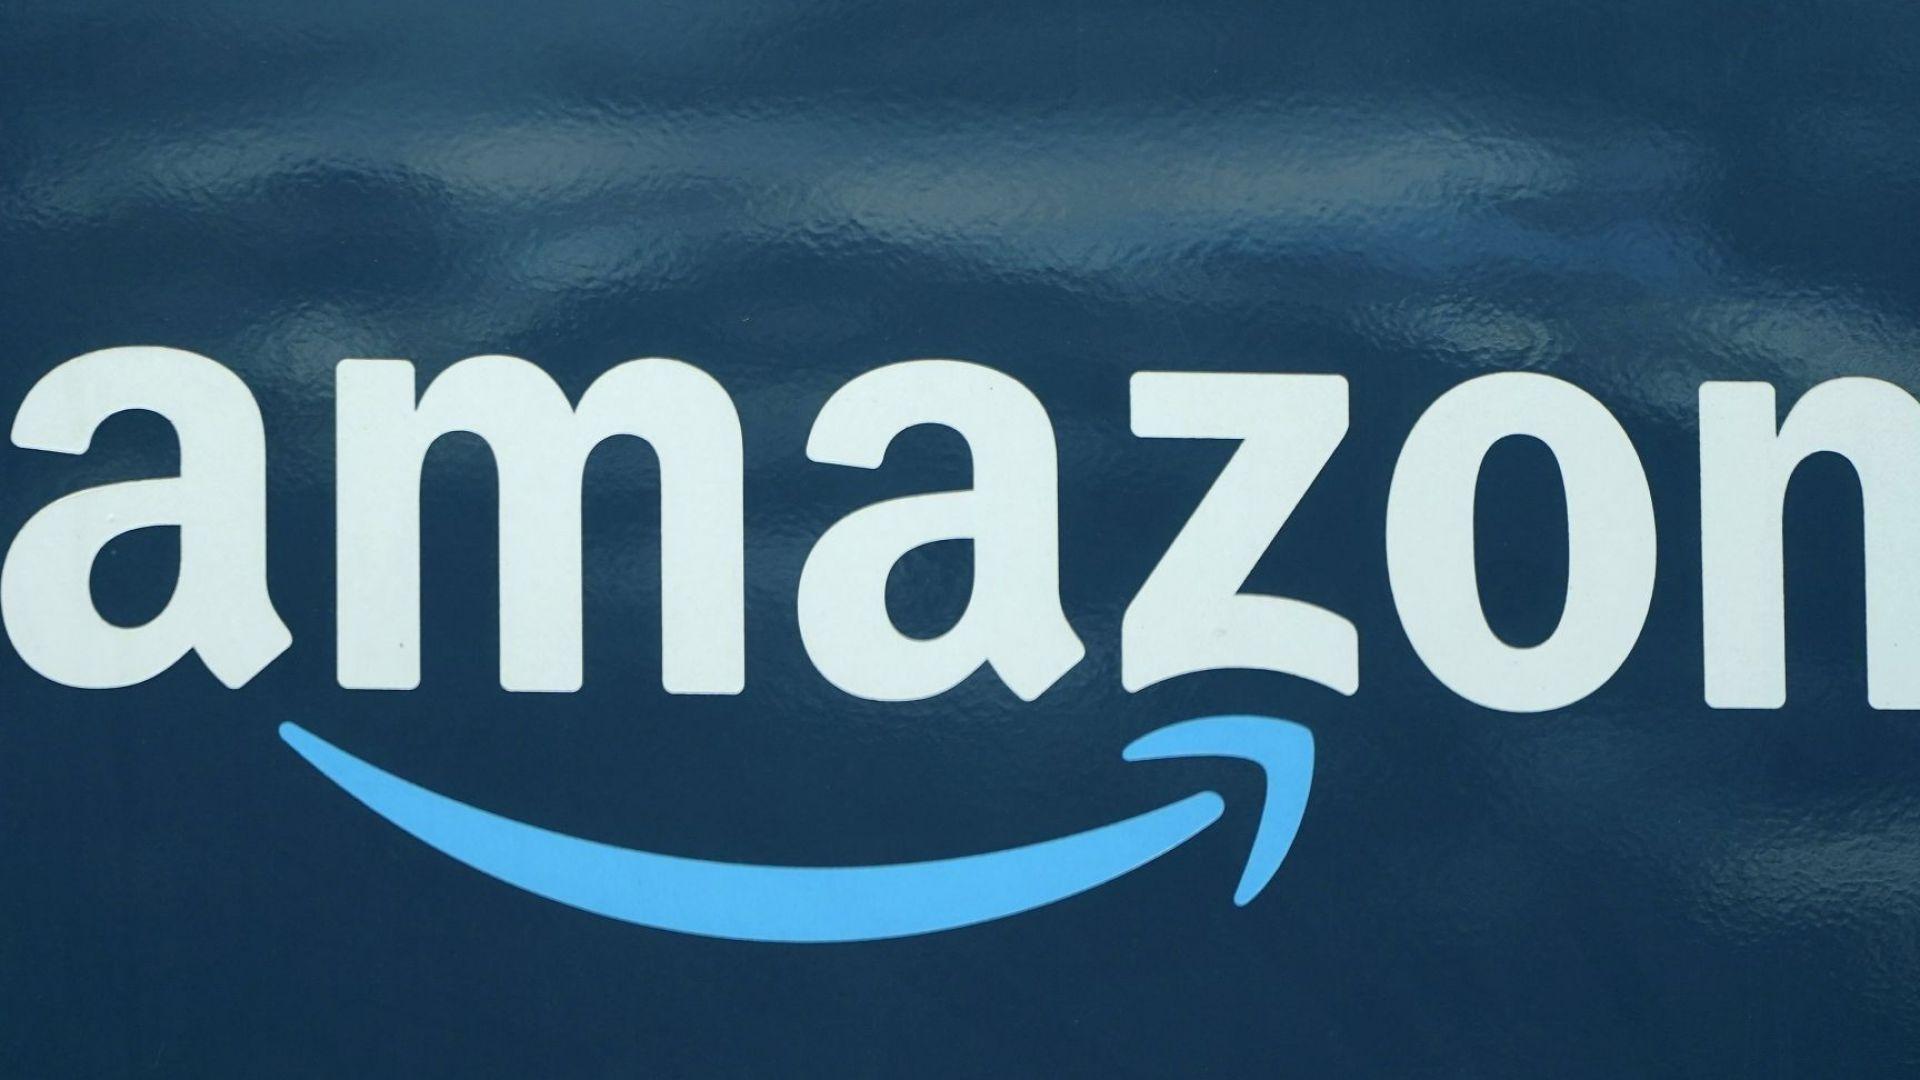 Щатът Ню Йорк отвърна на удара на Amazon